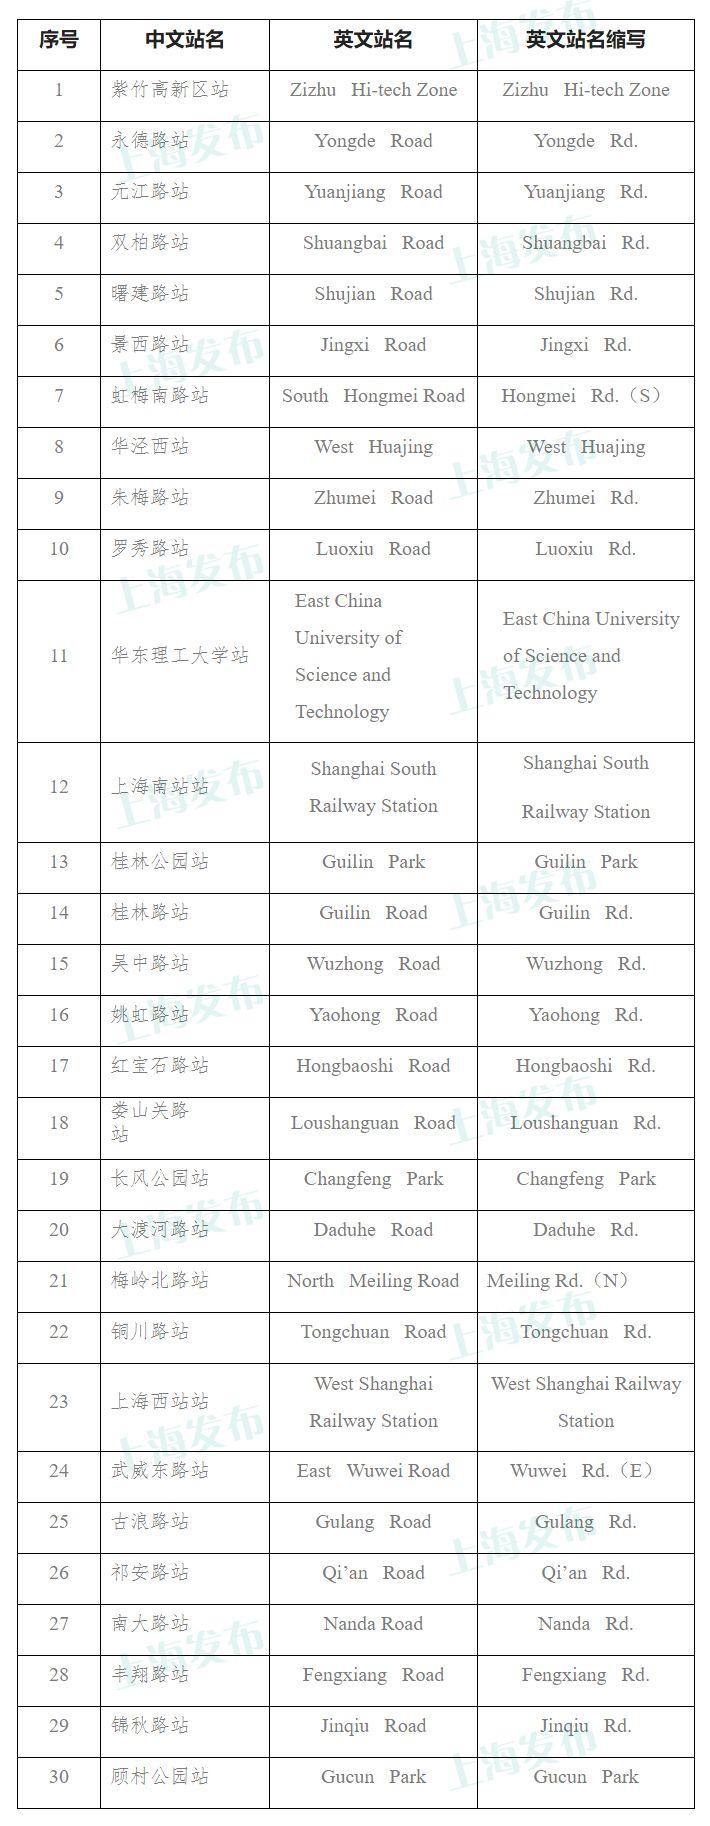 本文图均为上海发布微信公众号 图